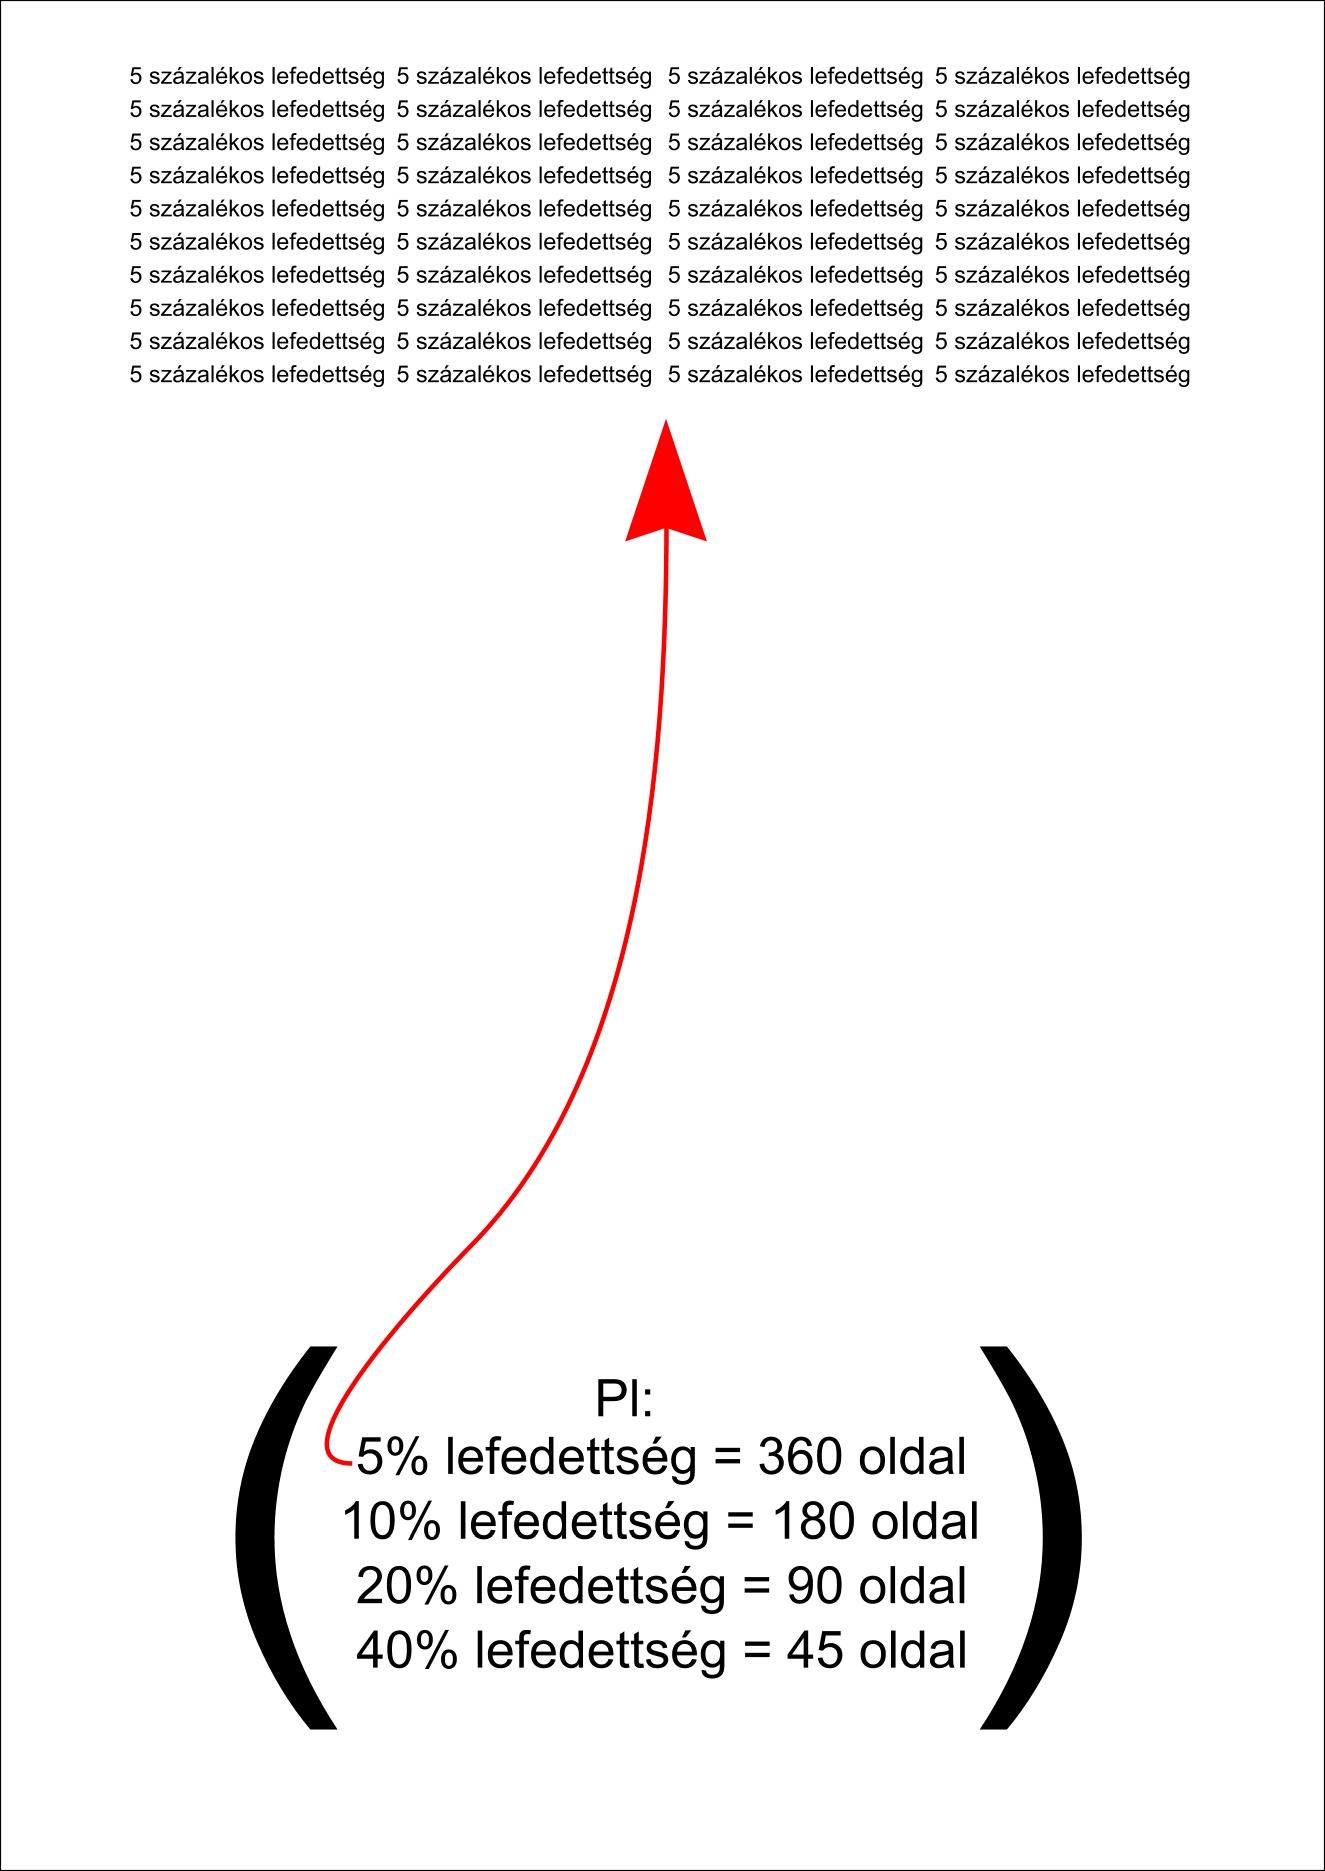 5% lefedettség minta